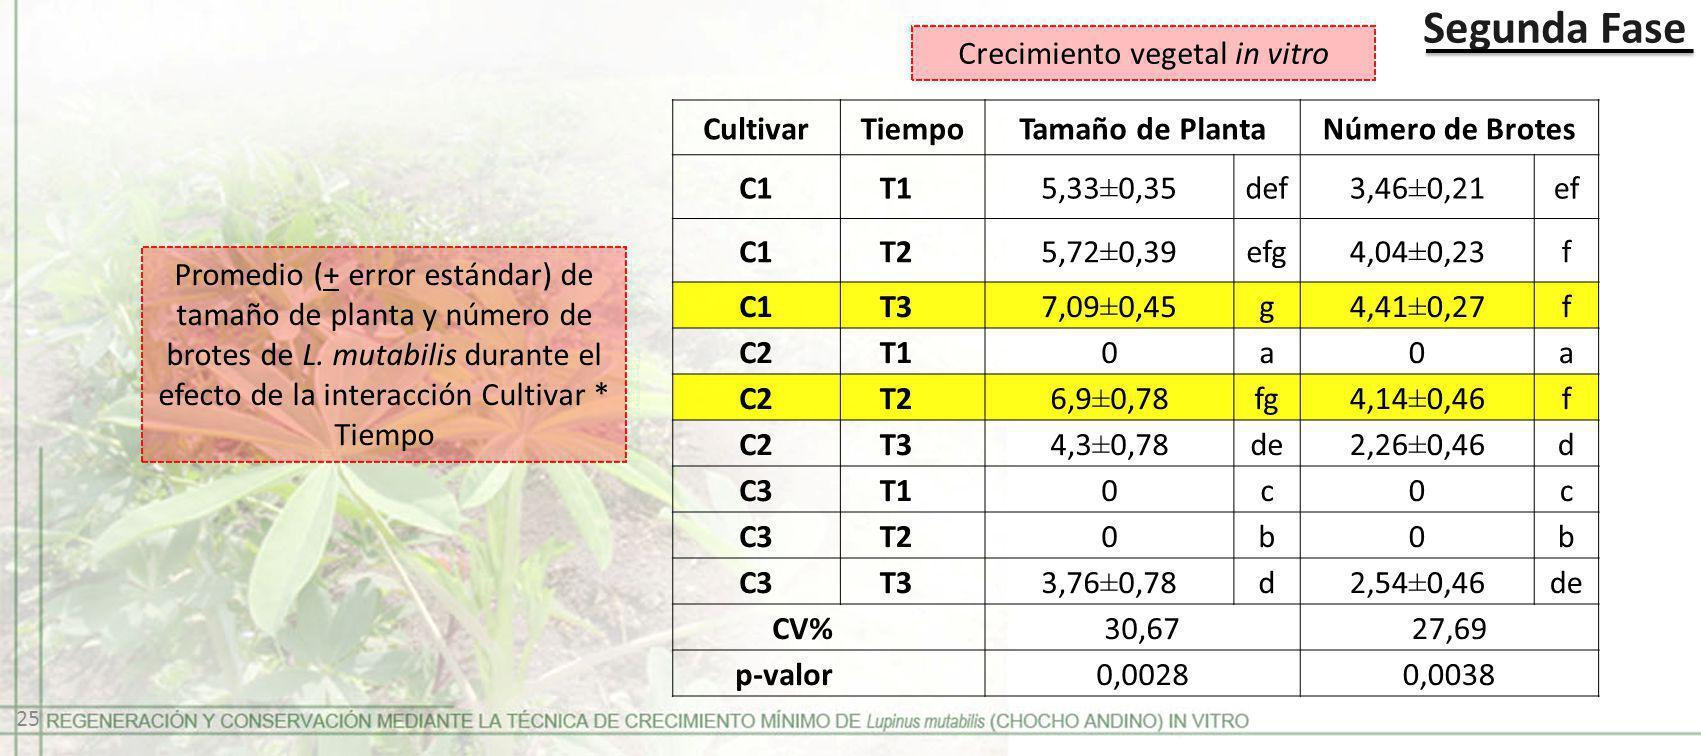 Segunda Fase Promedio (+ error estándar) de tamaño de planta y número de brotes de L. mutabilis durante el efecto de la interacción Cultivar * Tiempo